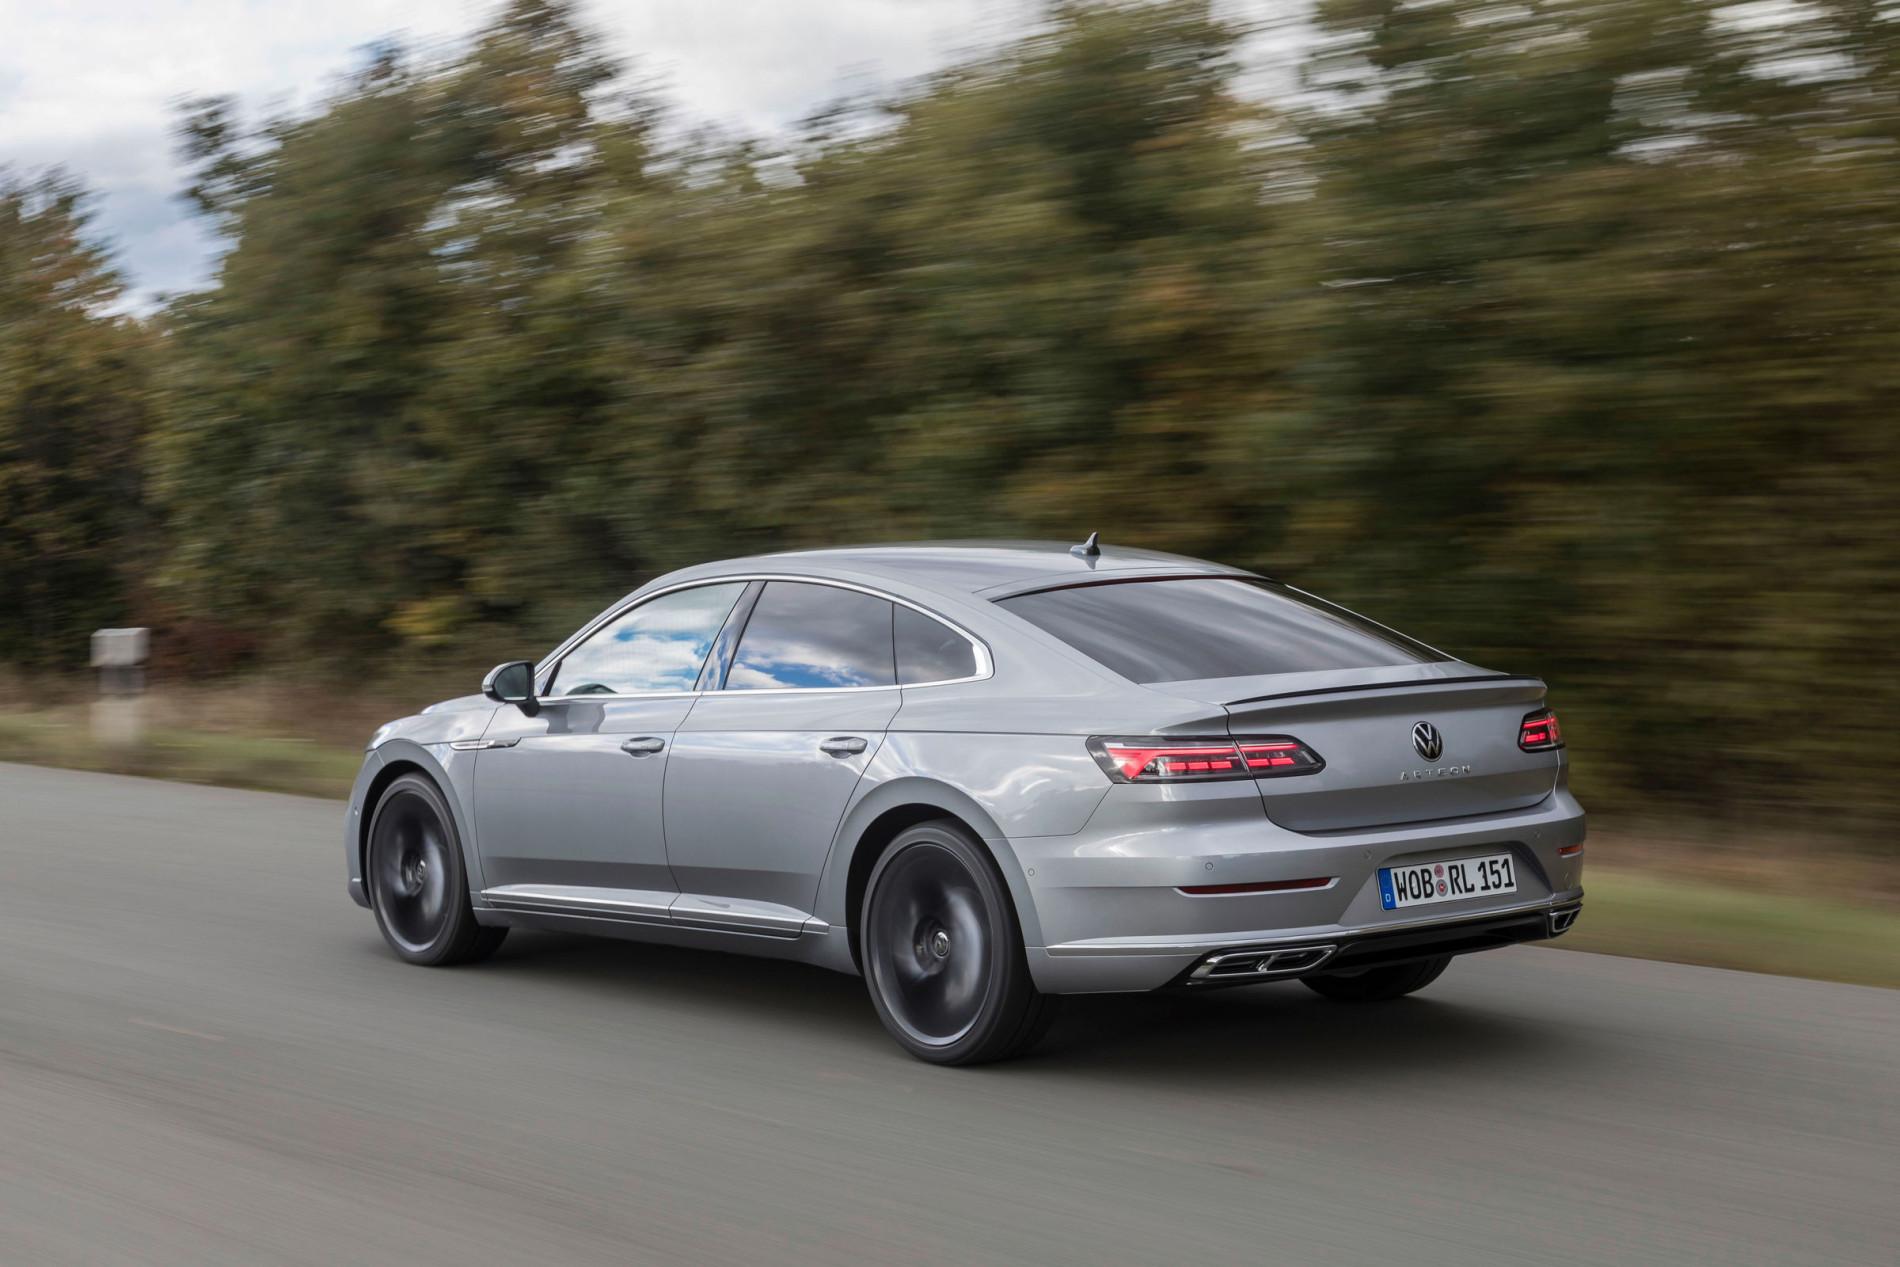 VW Arteon Facelift - Poze noi - VW Arteon Facelift - Poze noi